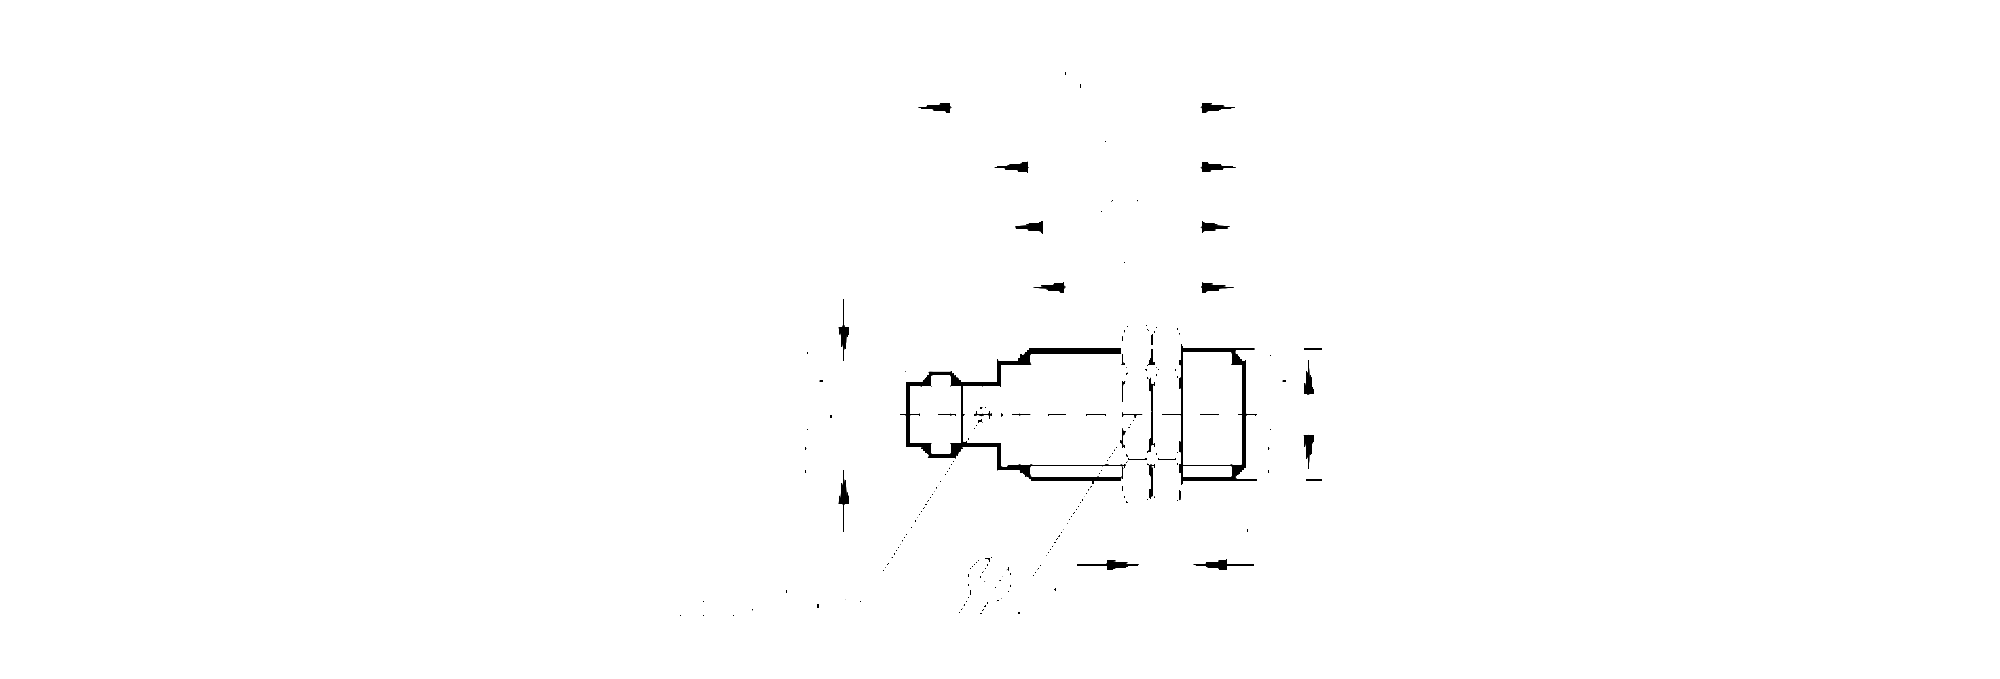 ng501a - inductive namur sensor